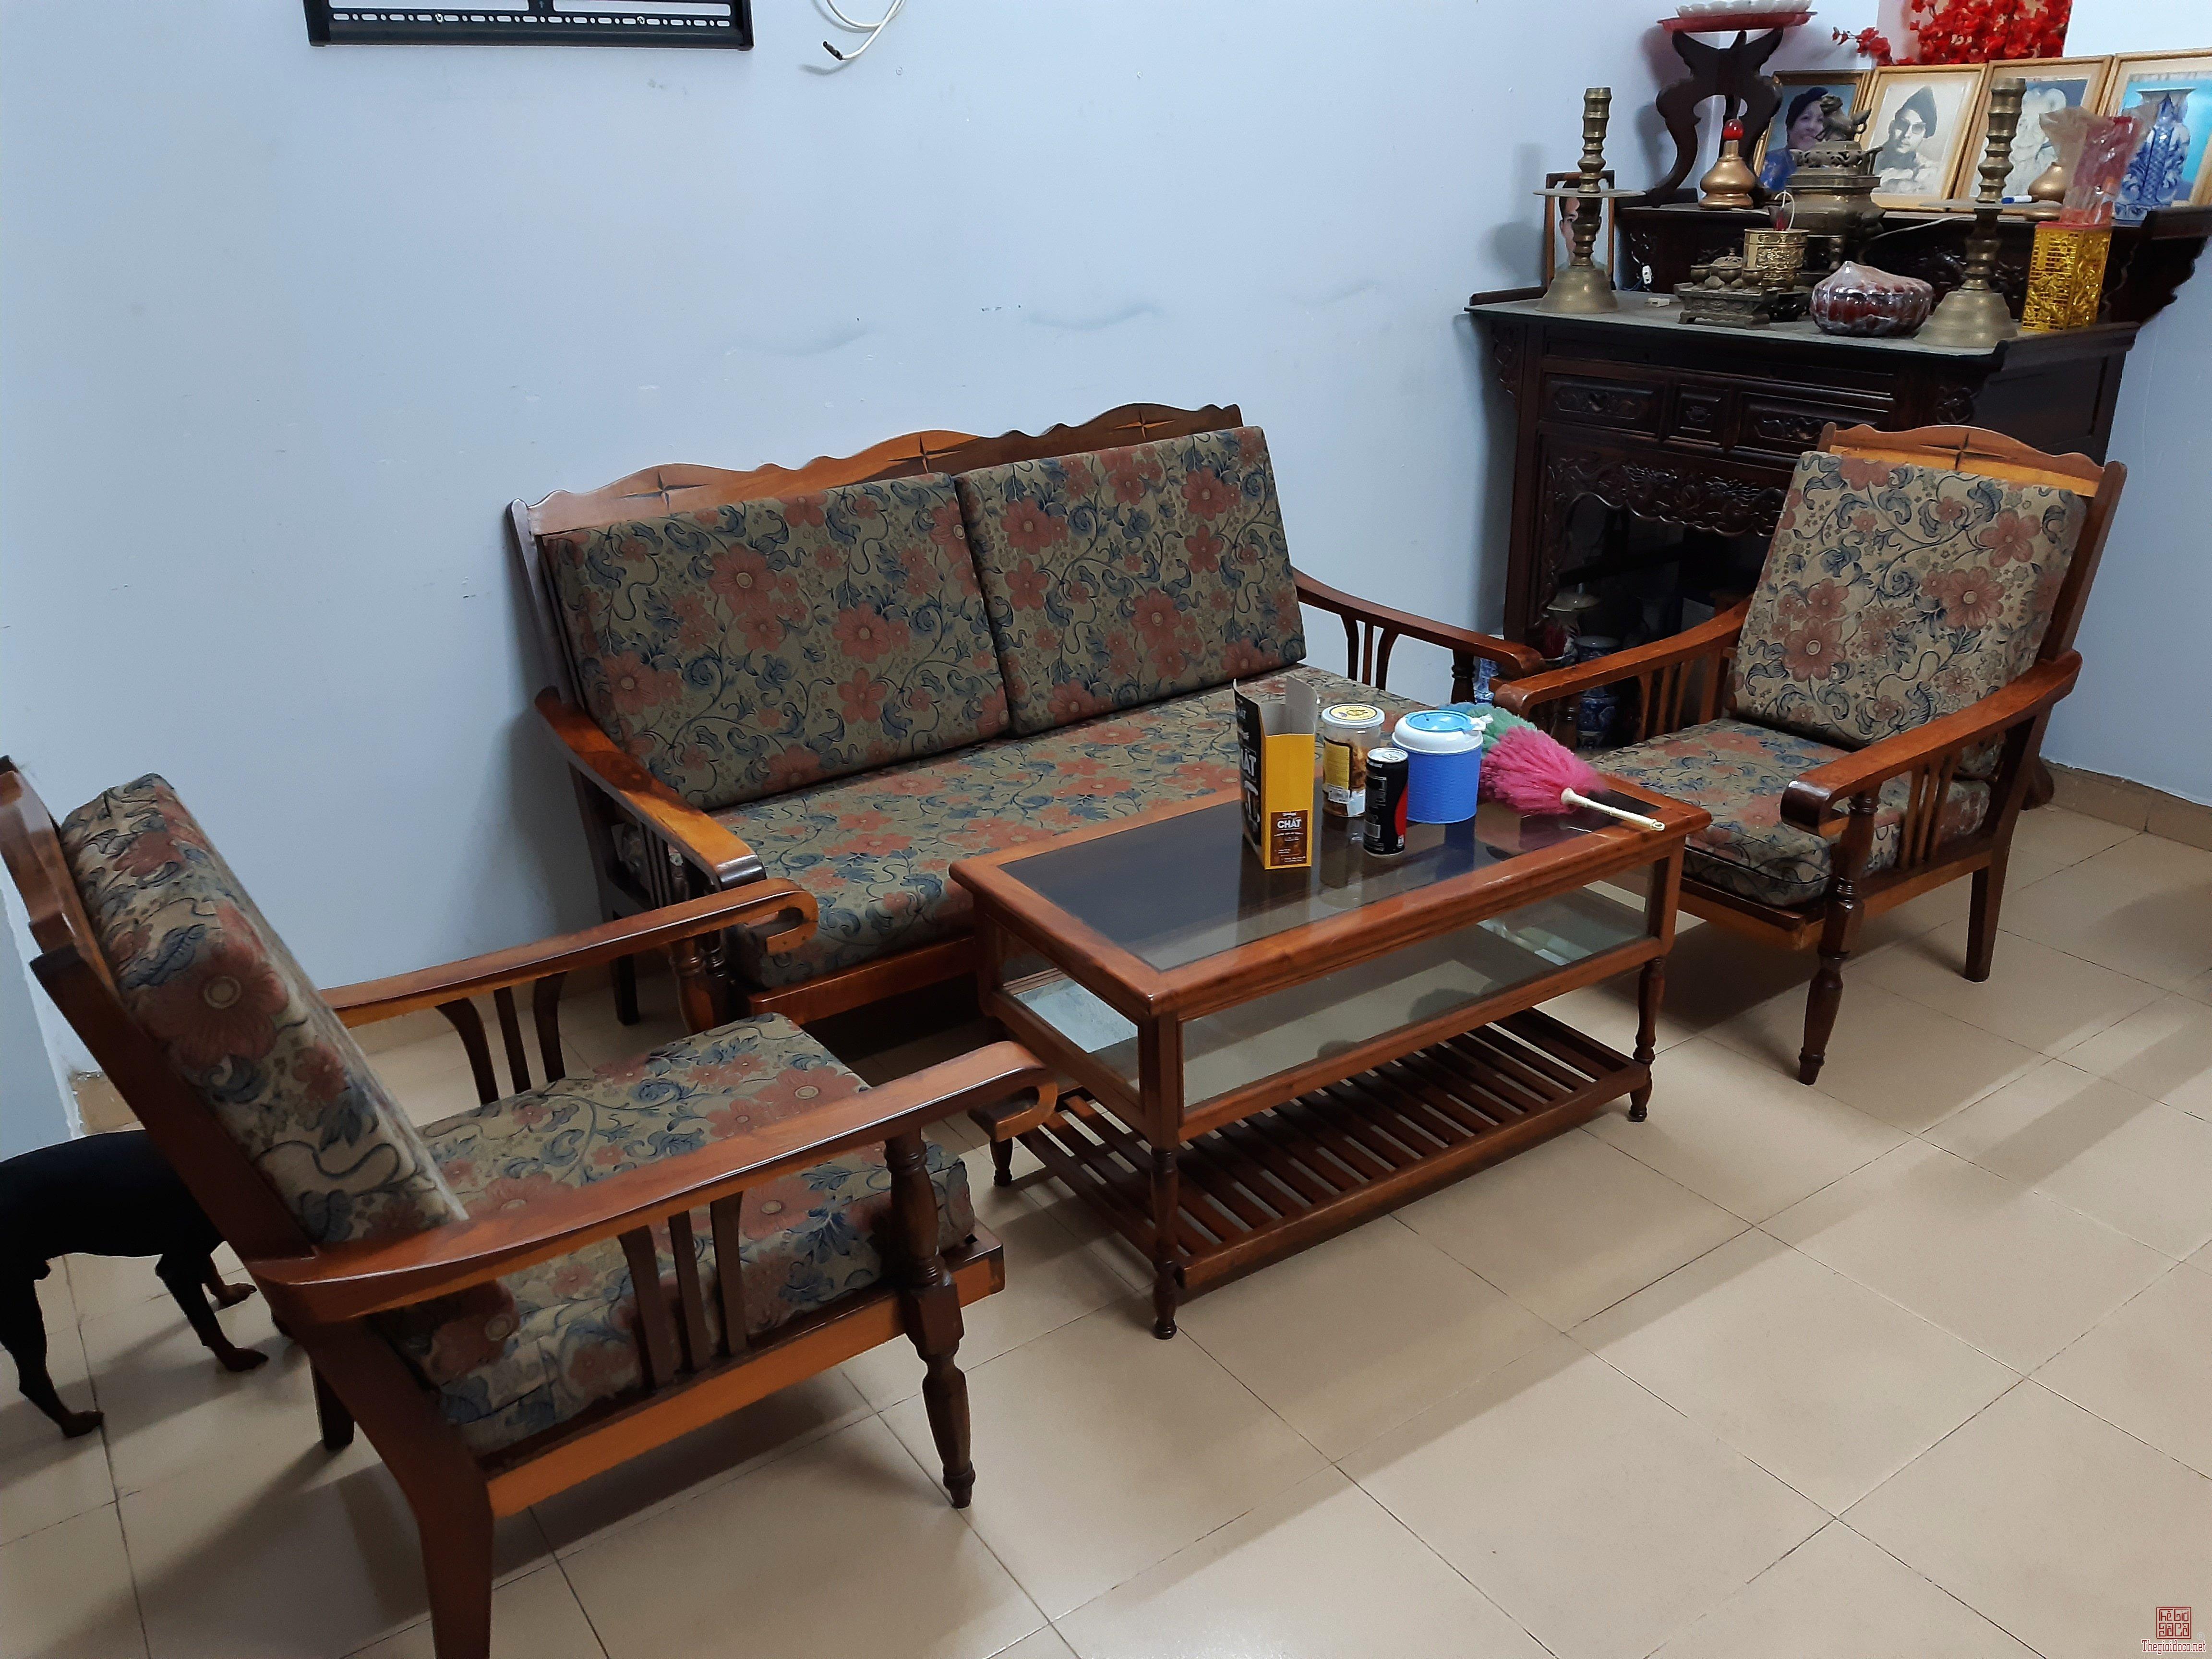 Sửa nhà bán bộ ghế lâu năm gỗ xịn